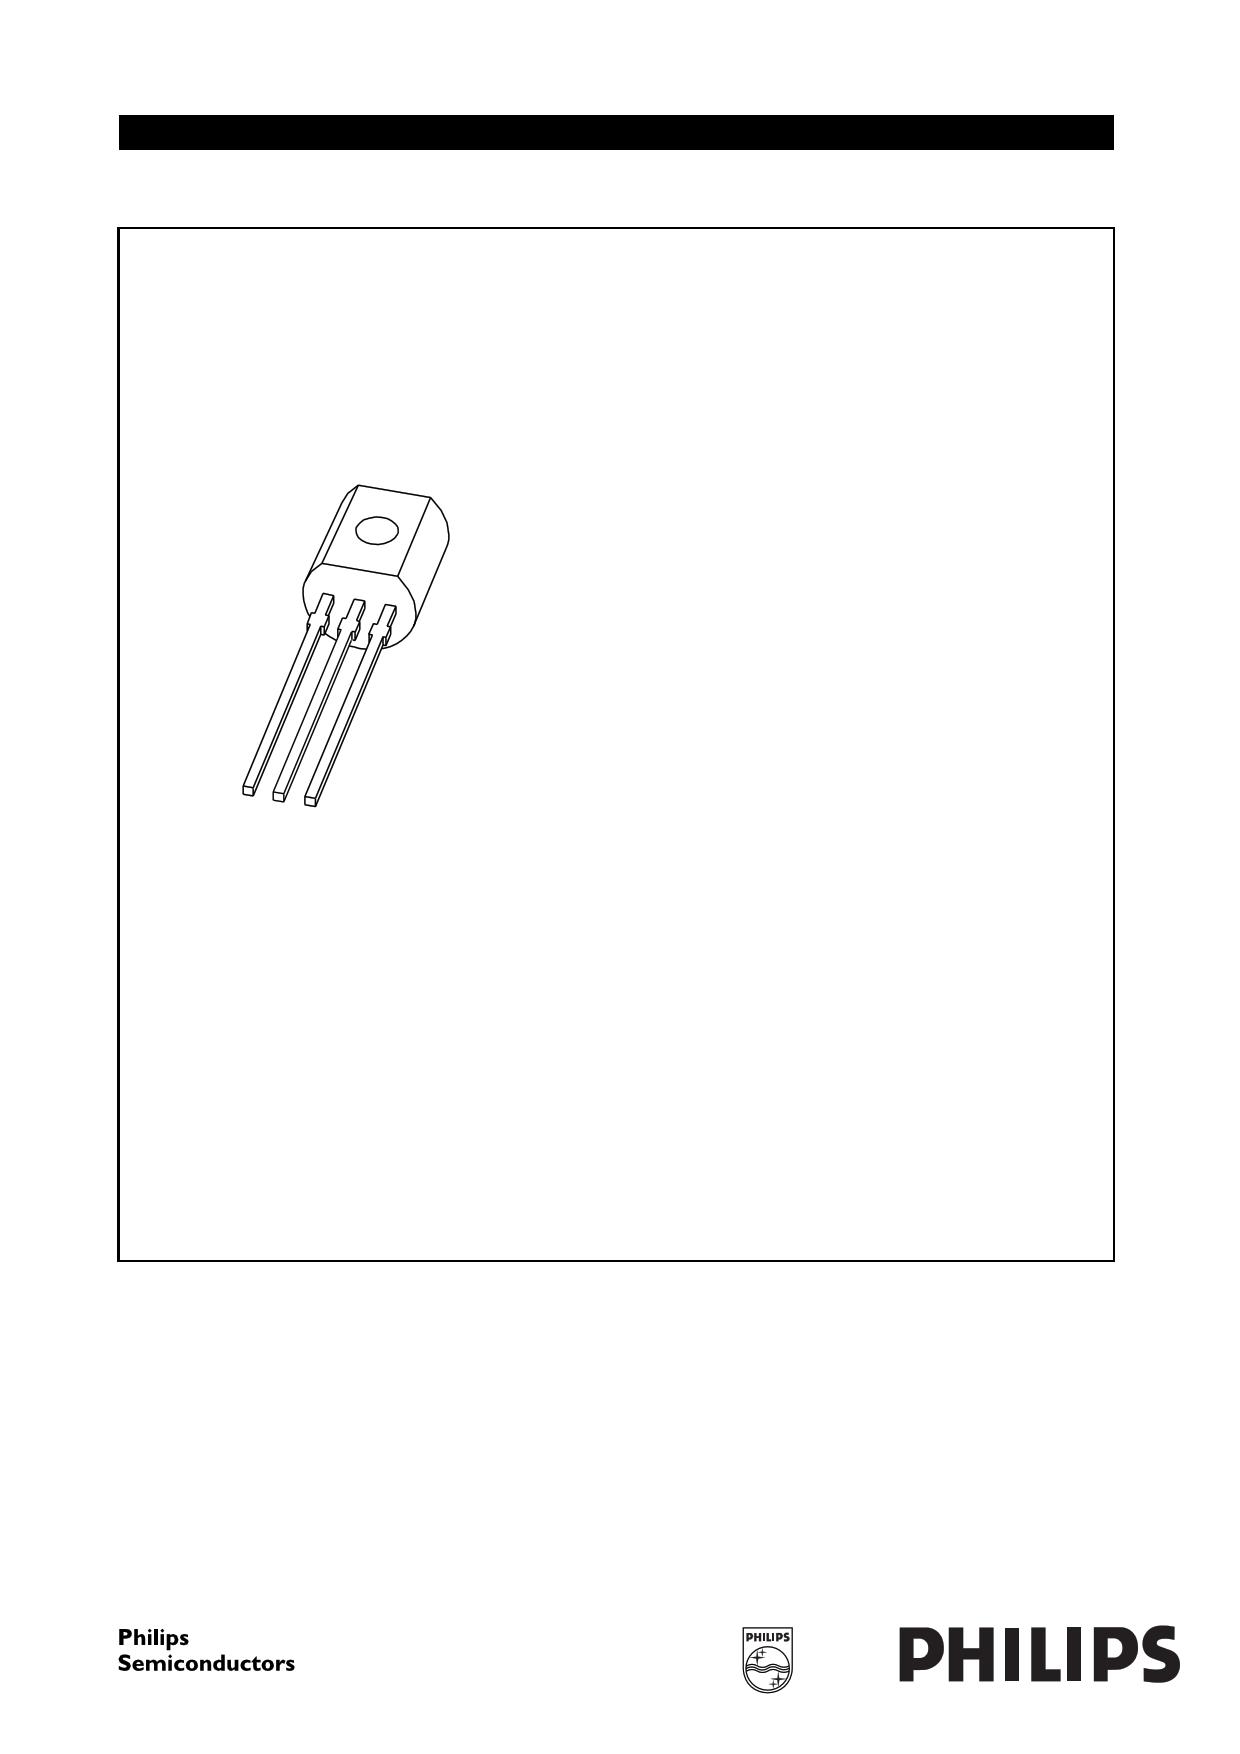 BC550 데이터시트 및 BC550 PDF